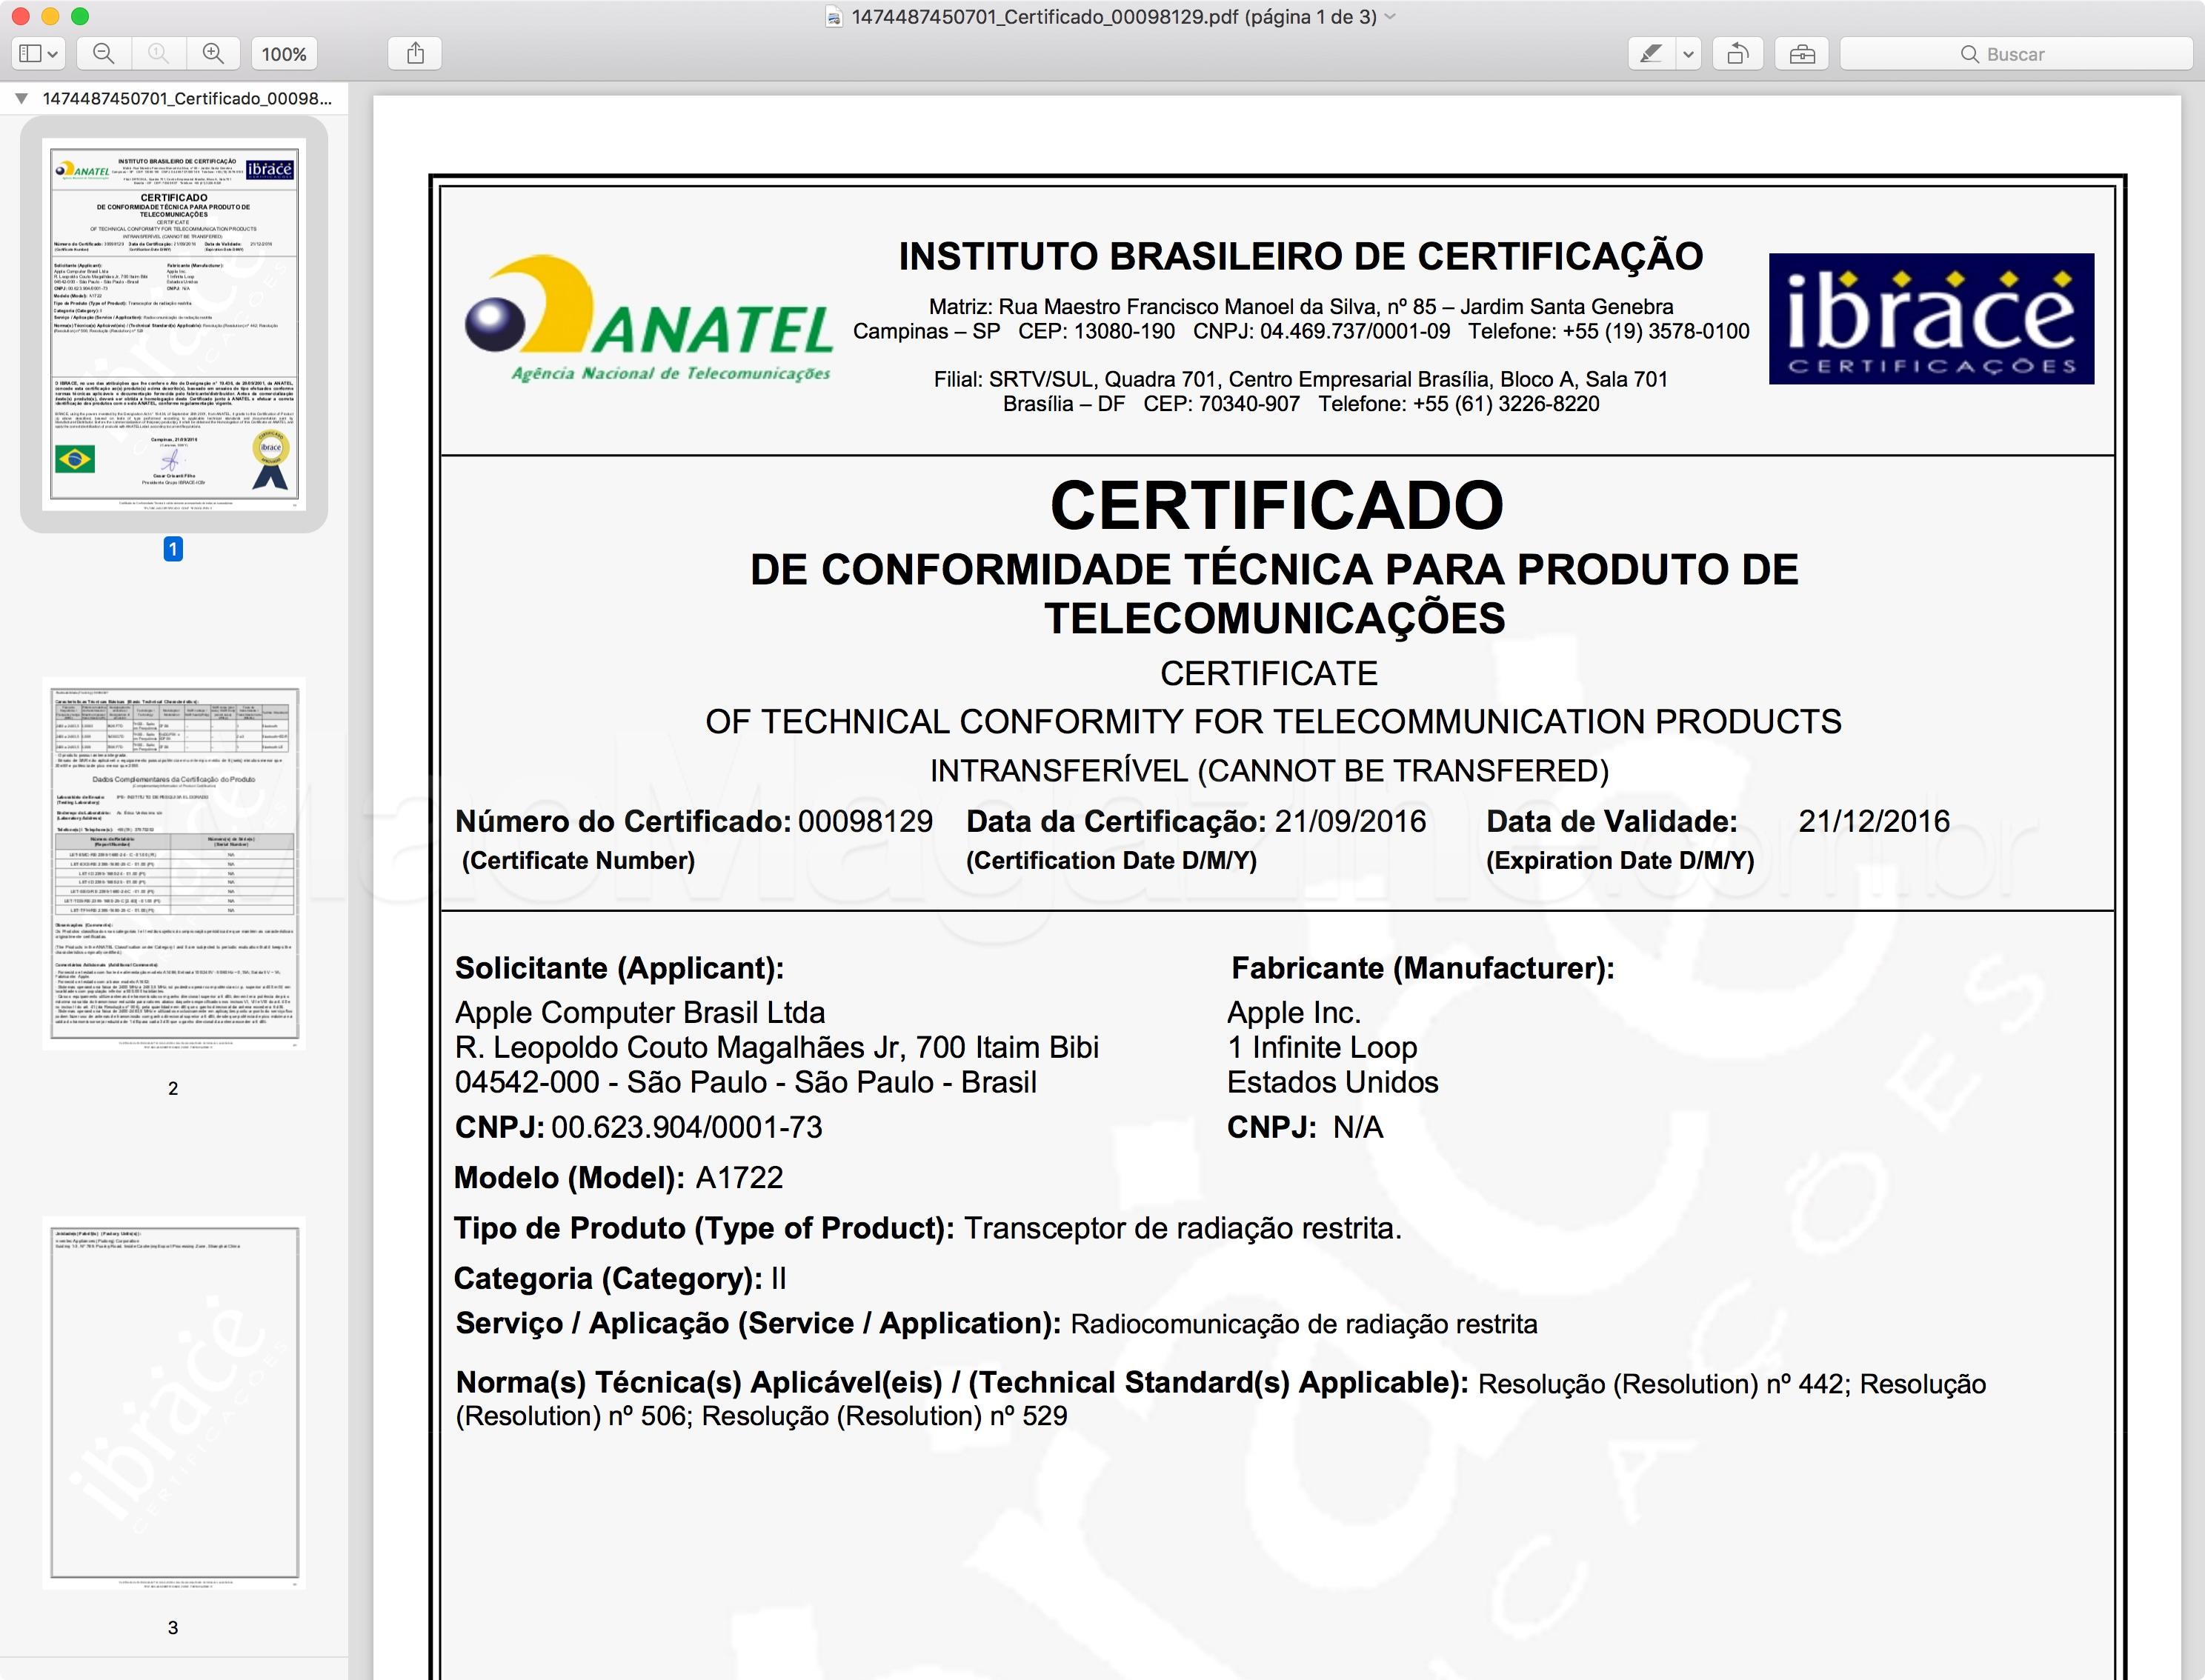 Certificado de Conformidade Técnica de um dos AirPods (A1722)